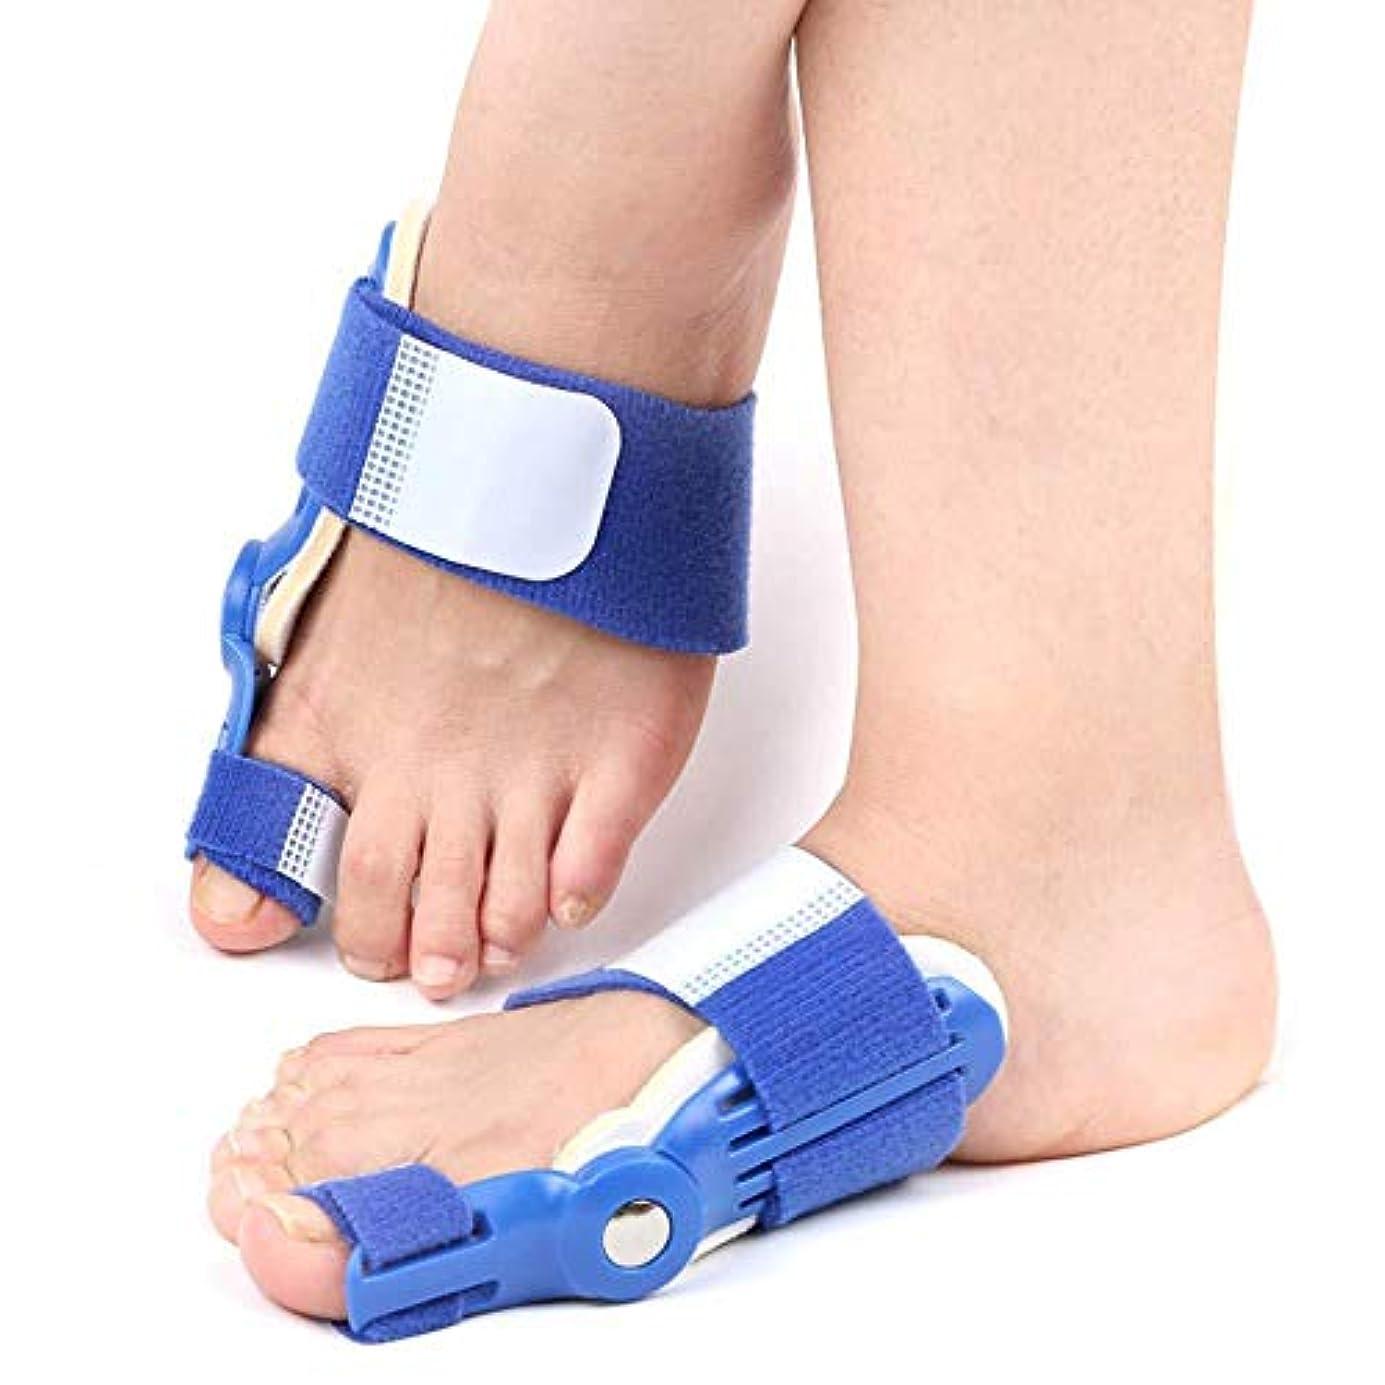 ニンニク備品議論する腱膜瘤矯正、足の親指のアライメント矯正矯正外科的疼痛緩和と腱膜瘤のサポートなしの腱膜瘤治療